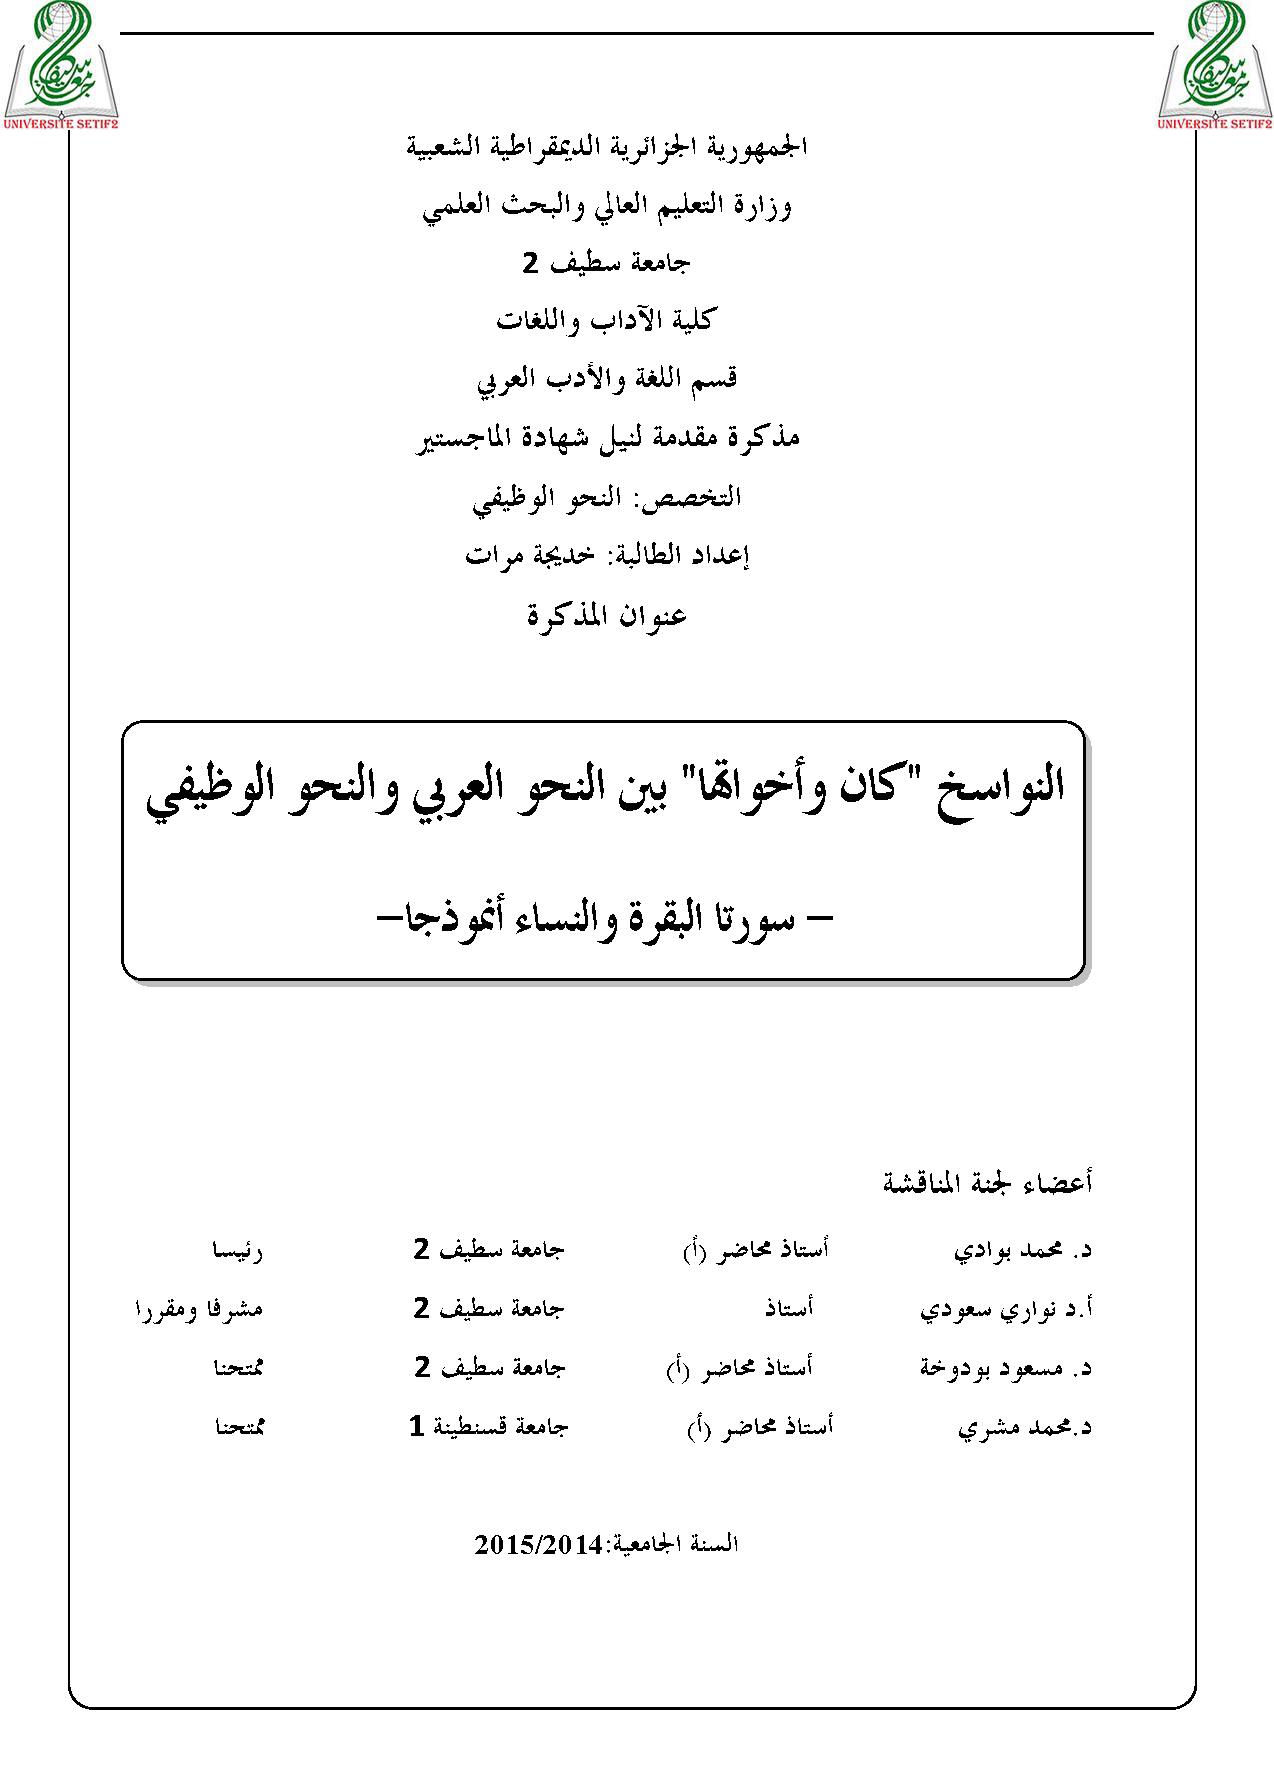 النواسخ (كان وأخواتها) بين النحو العربي والنحو الوظيفي (سورتا البقرة والنساء أنموذجًا) - خديجة مرات